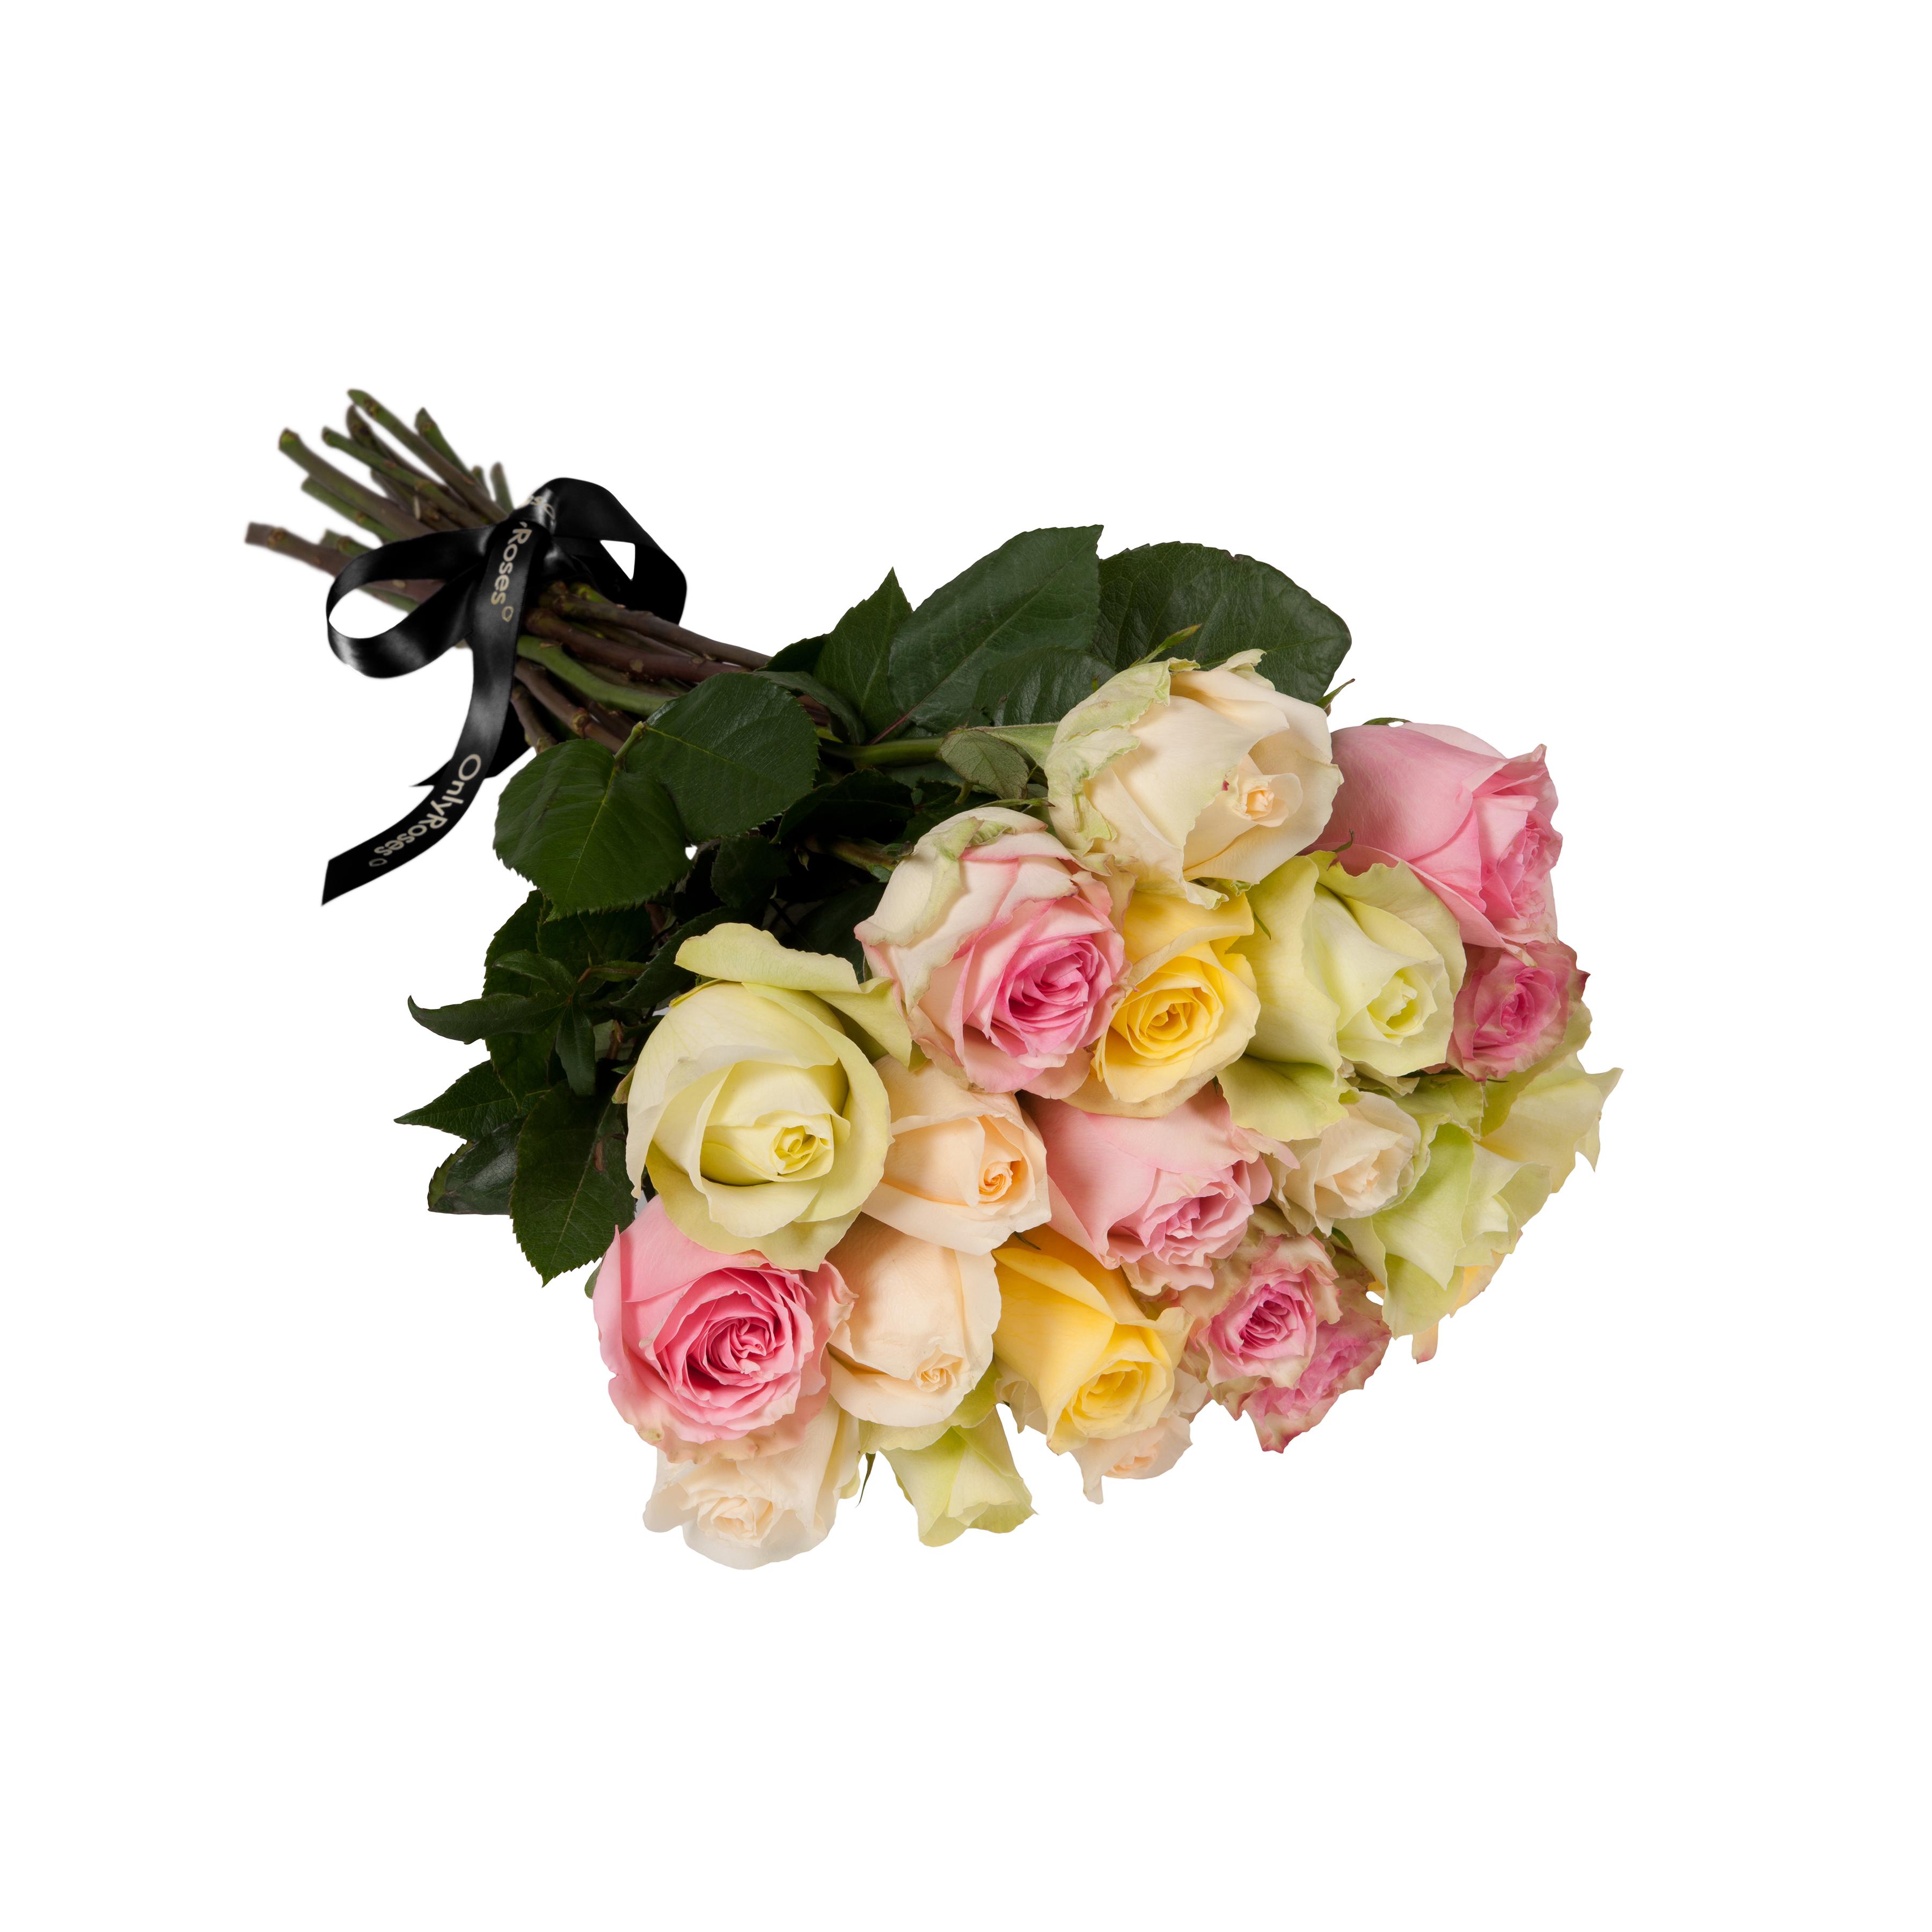 Rose Stems Delivered Dubai Flower Delivery Service